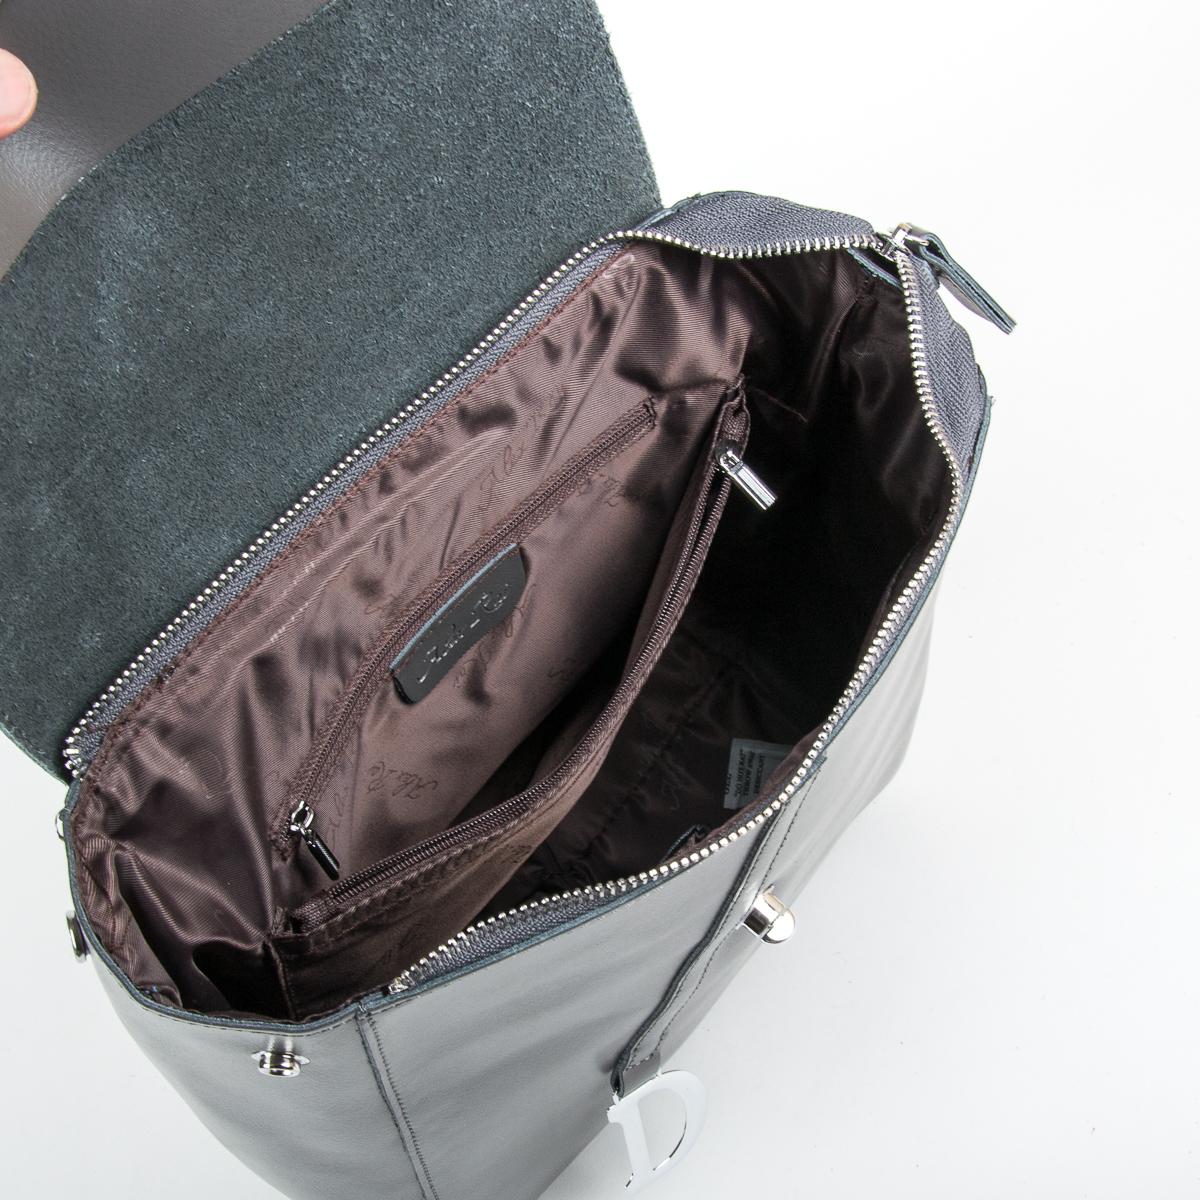 Сумка Женская Рюкзак кожа ALEX RAI 9-01 360 grey - фото 5